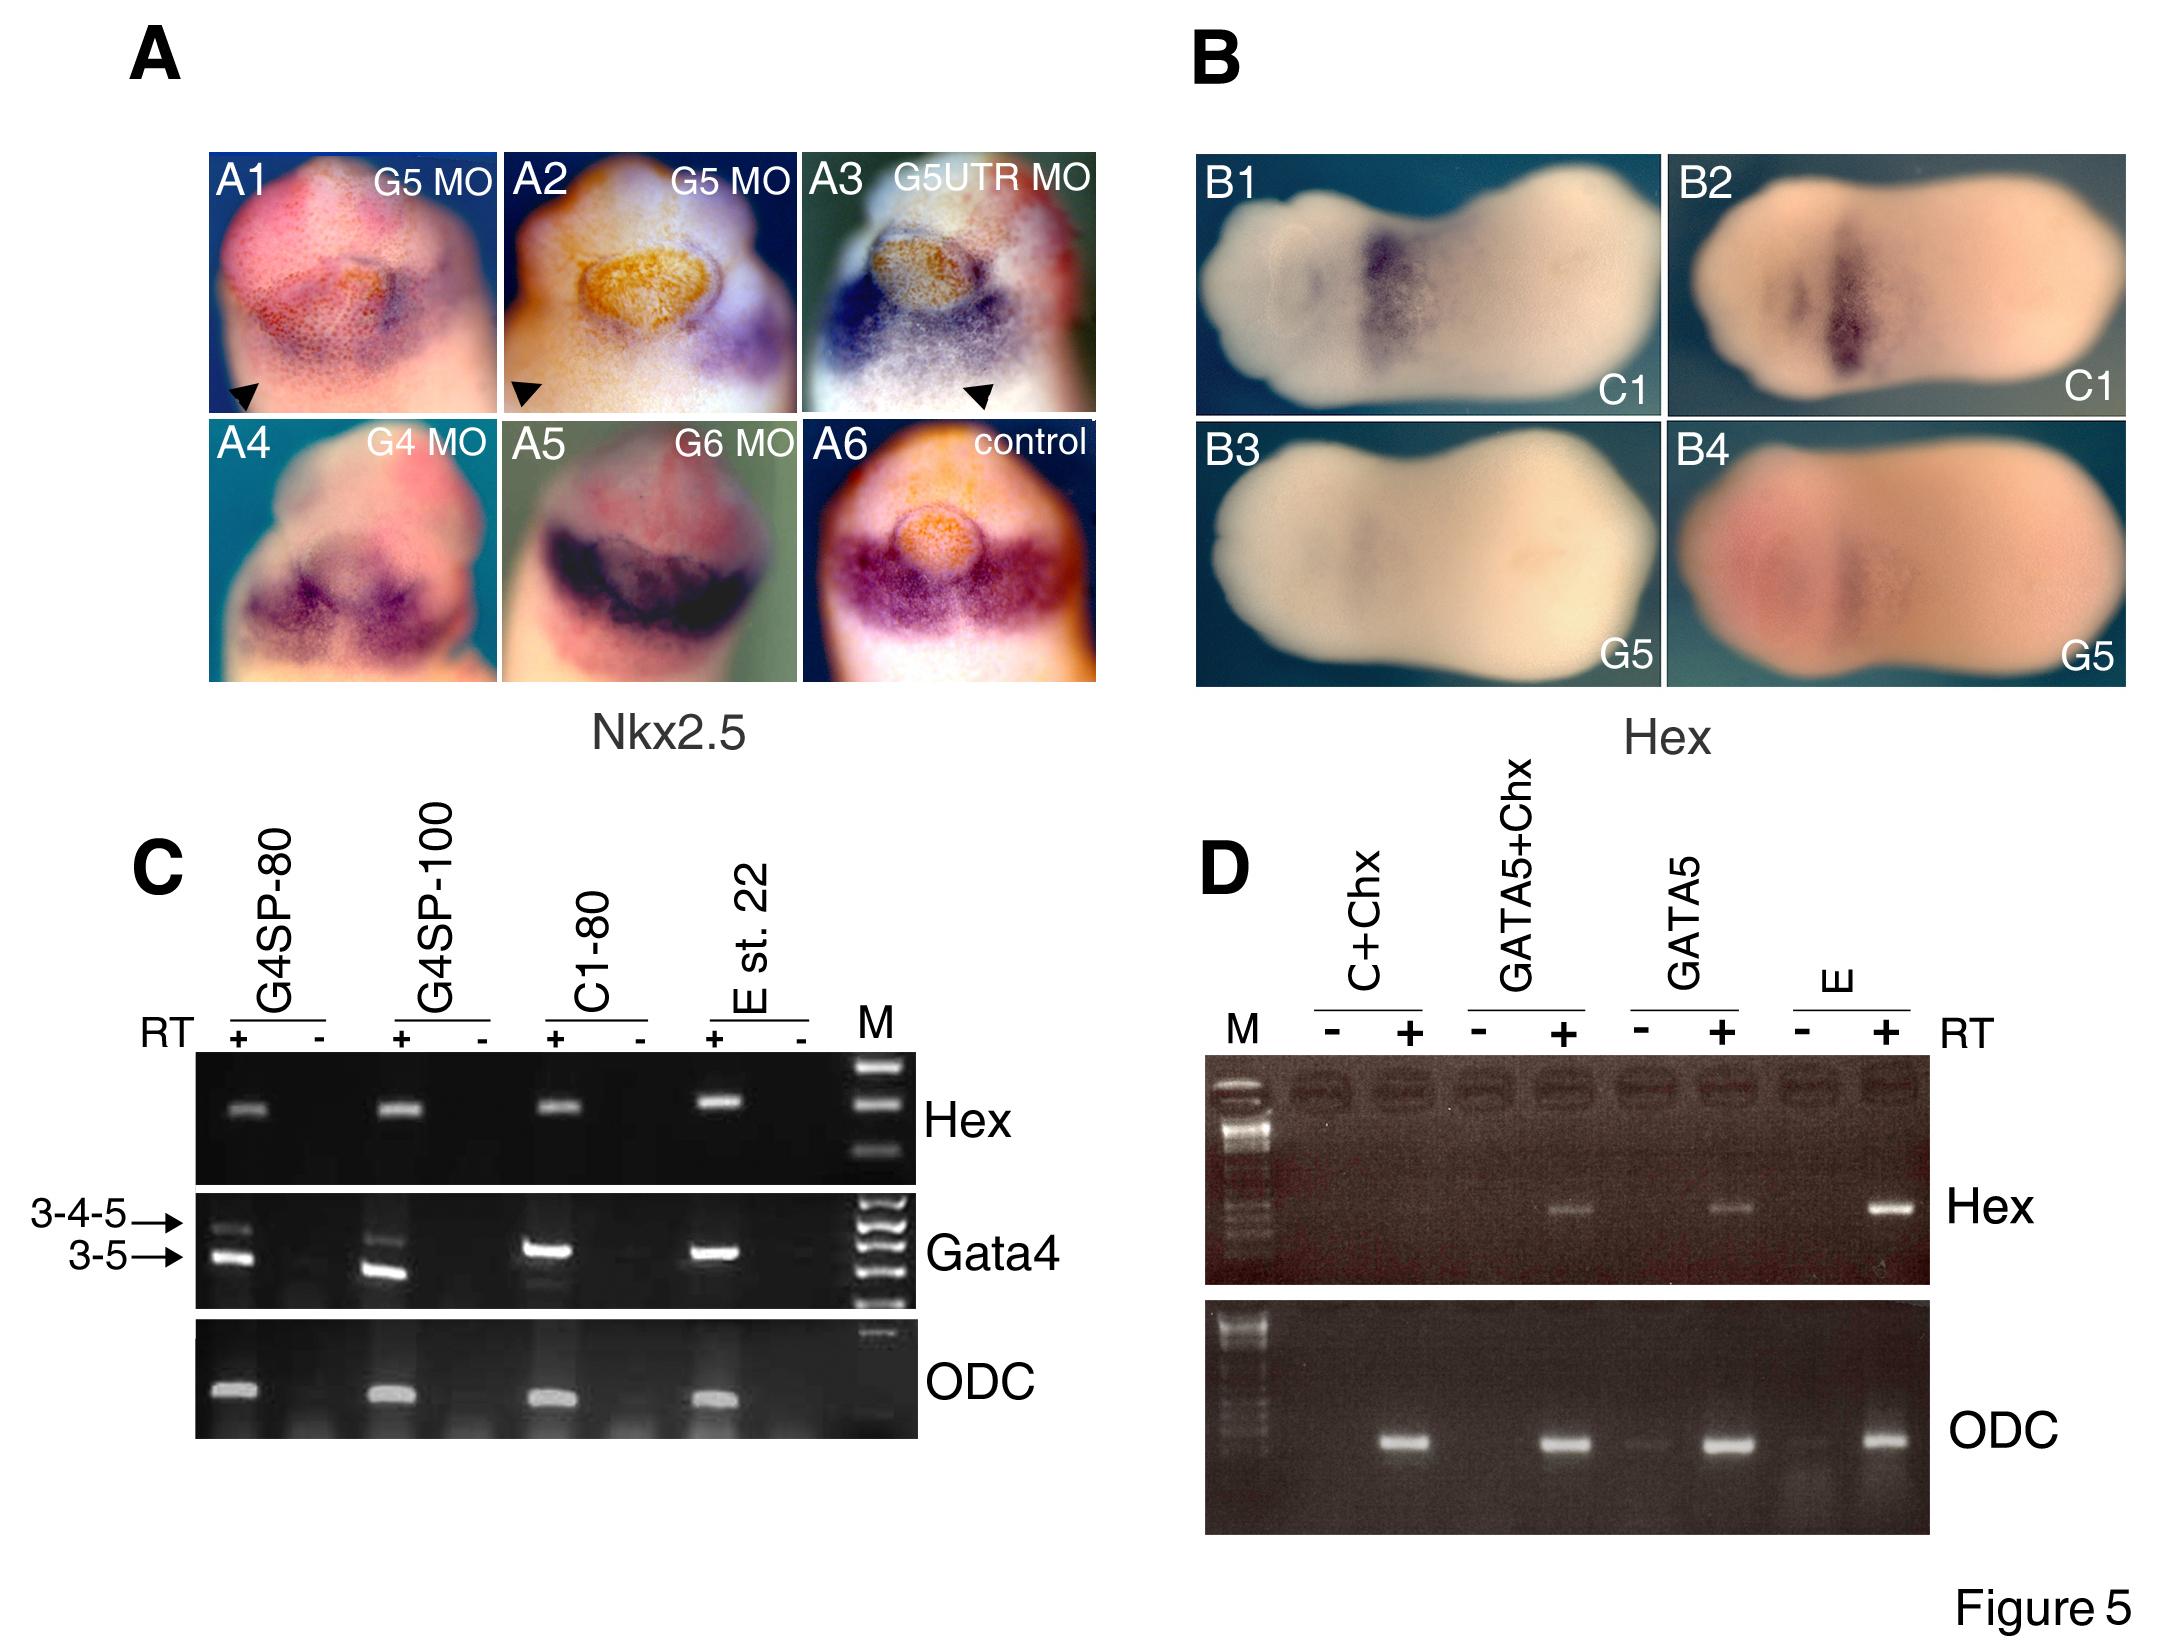 original research paper in developmental biology